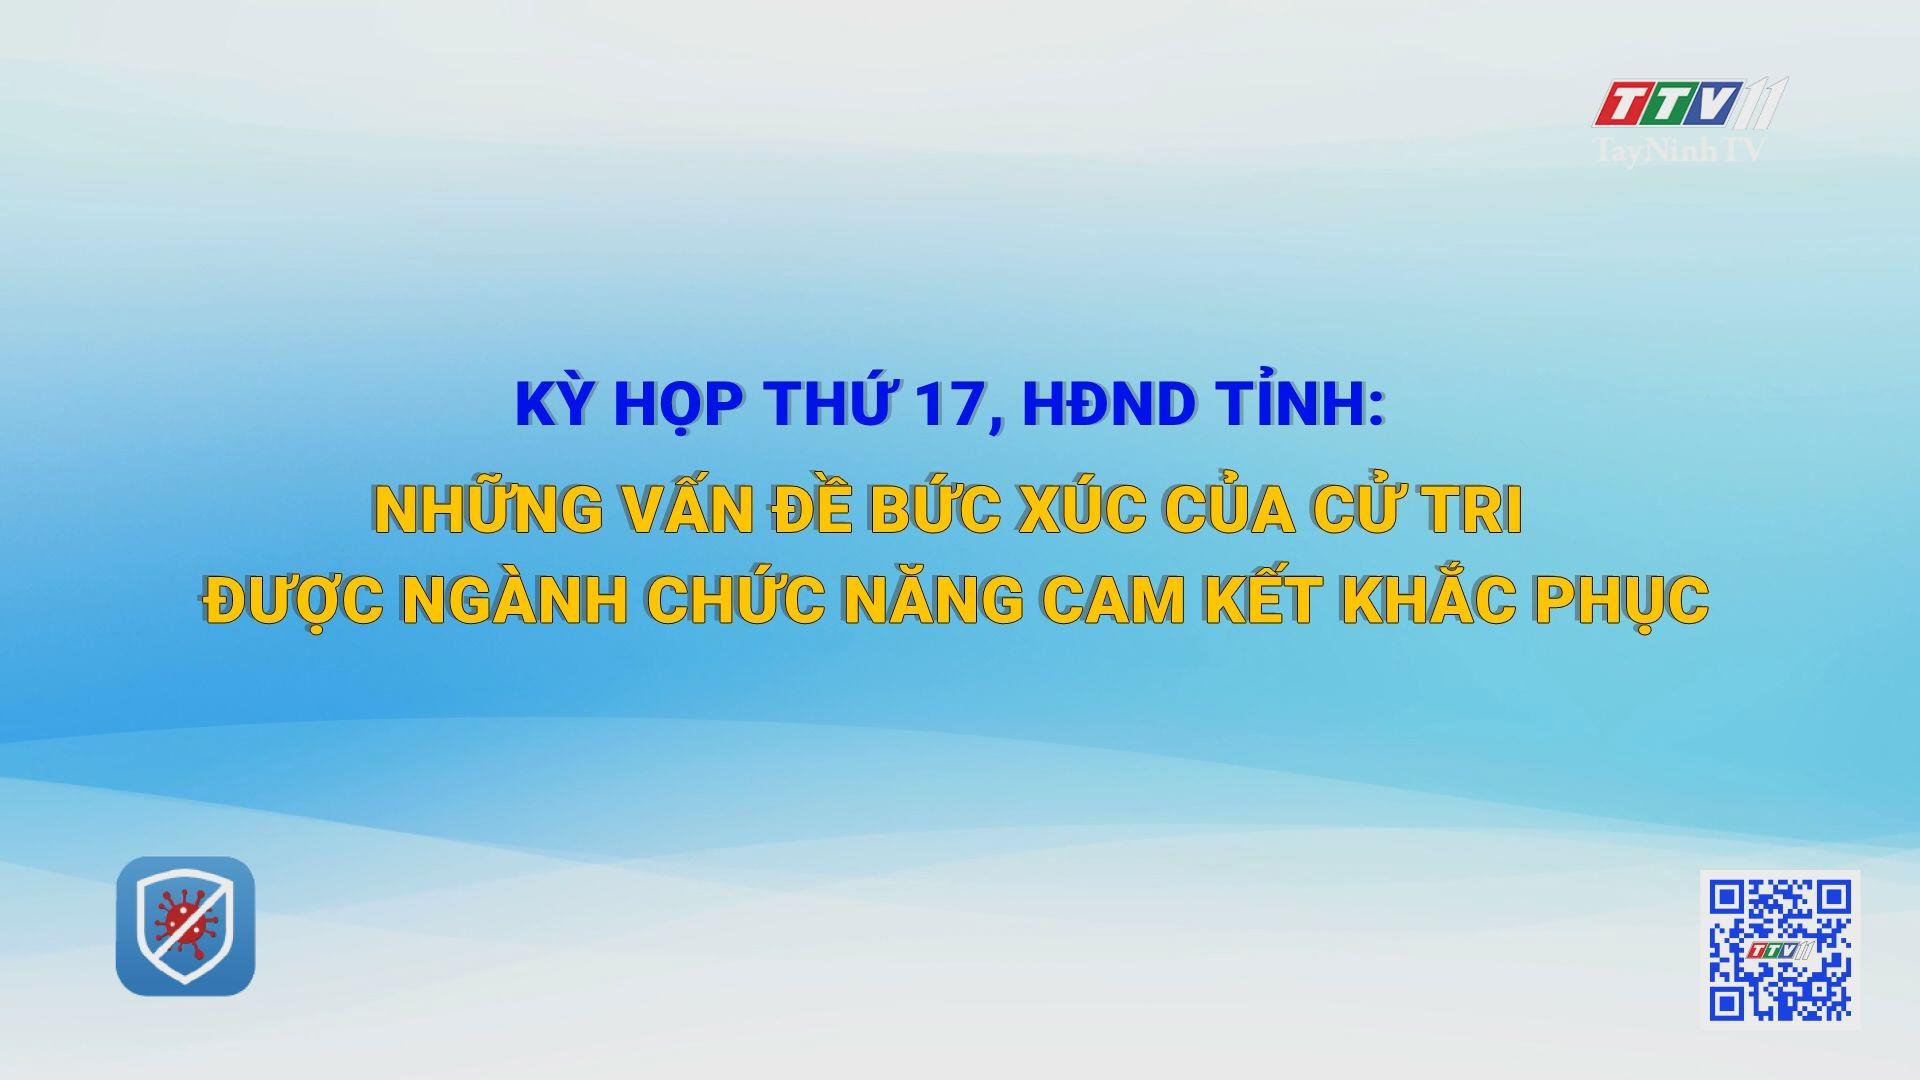 Kỳ họp thứ 17, HĐND tỉnh: những vấn đề bức xúc của cử tri được ngành chức năng cam kết khắc phục | TIẾNG NÓI CỬ TRI | TayNinhTV